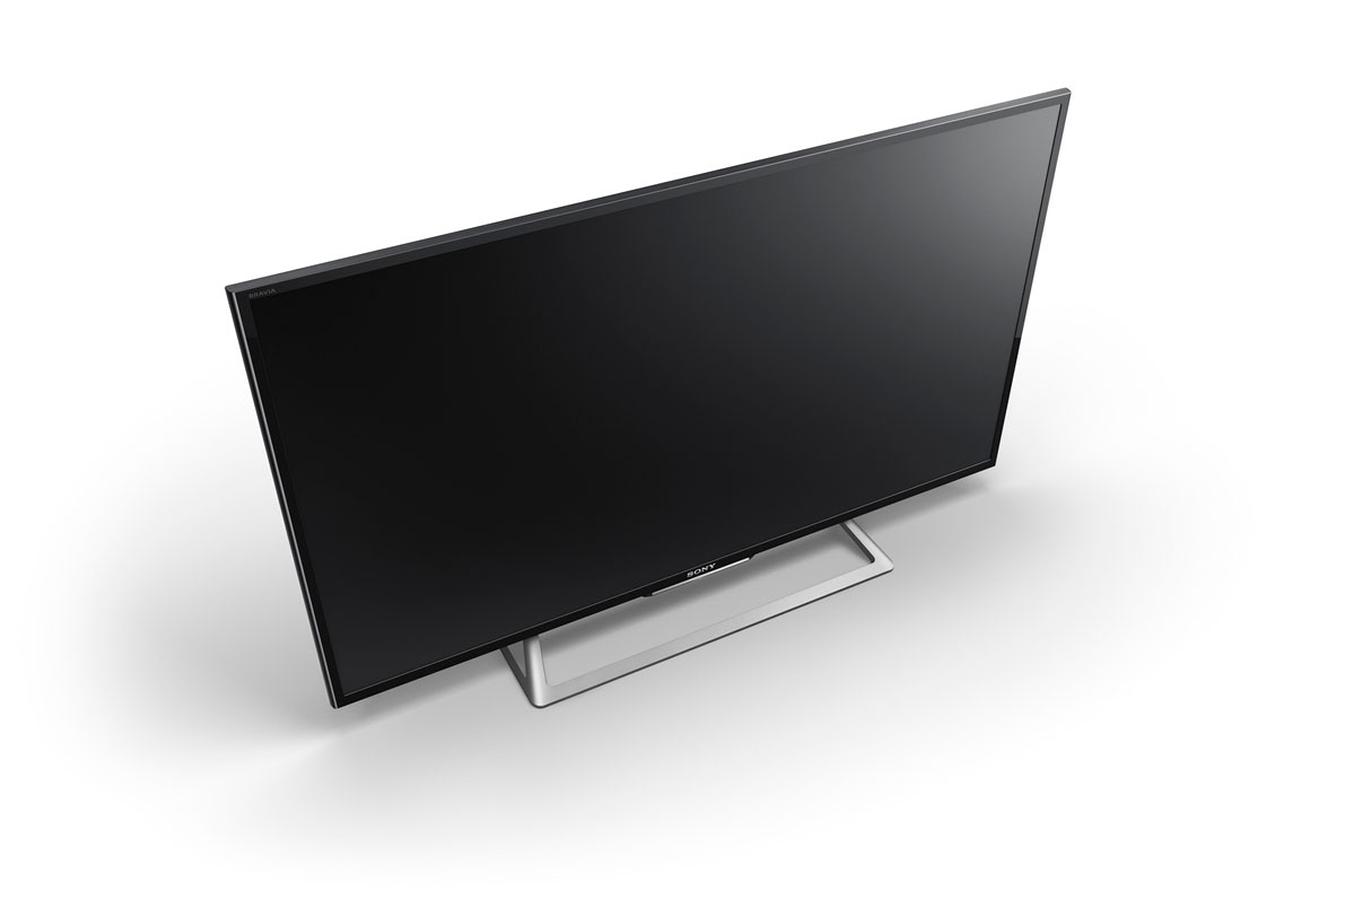 tv led sony kdl40r550 smart 4093070 darty. Black Bedroom Furniture Sets. Home Design Ideas